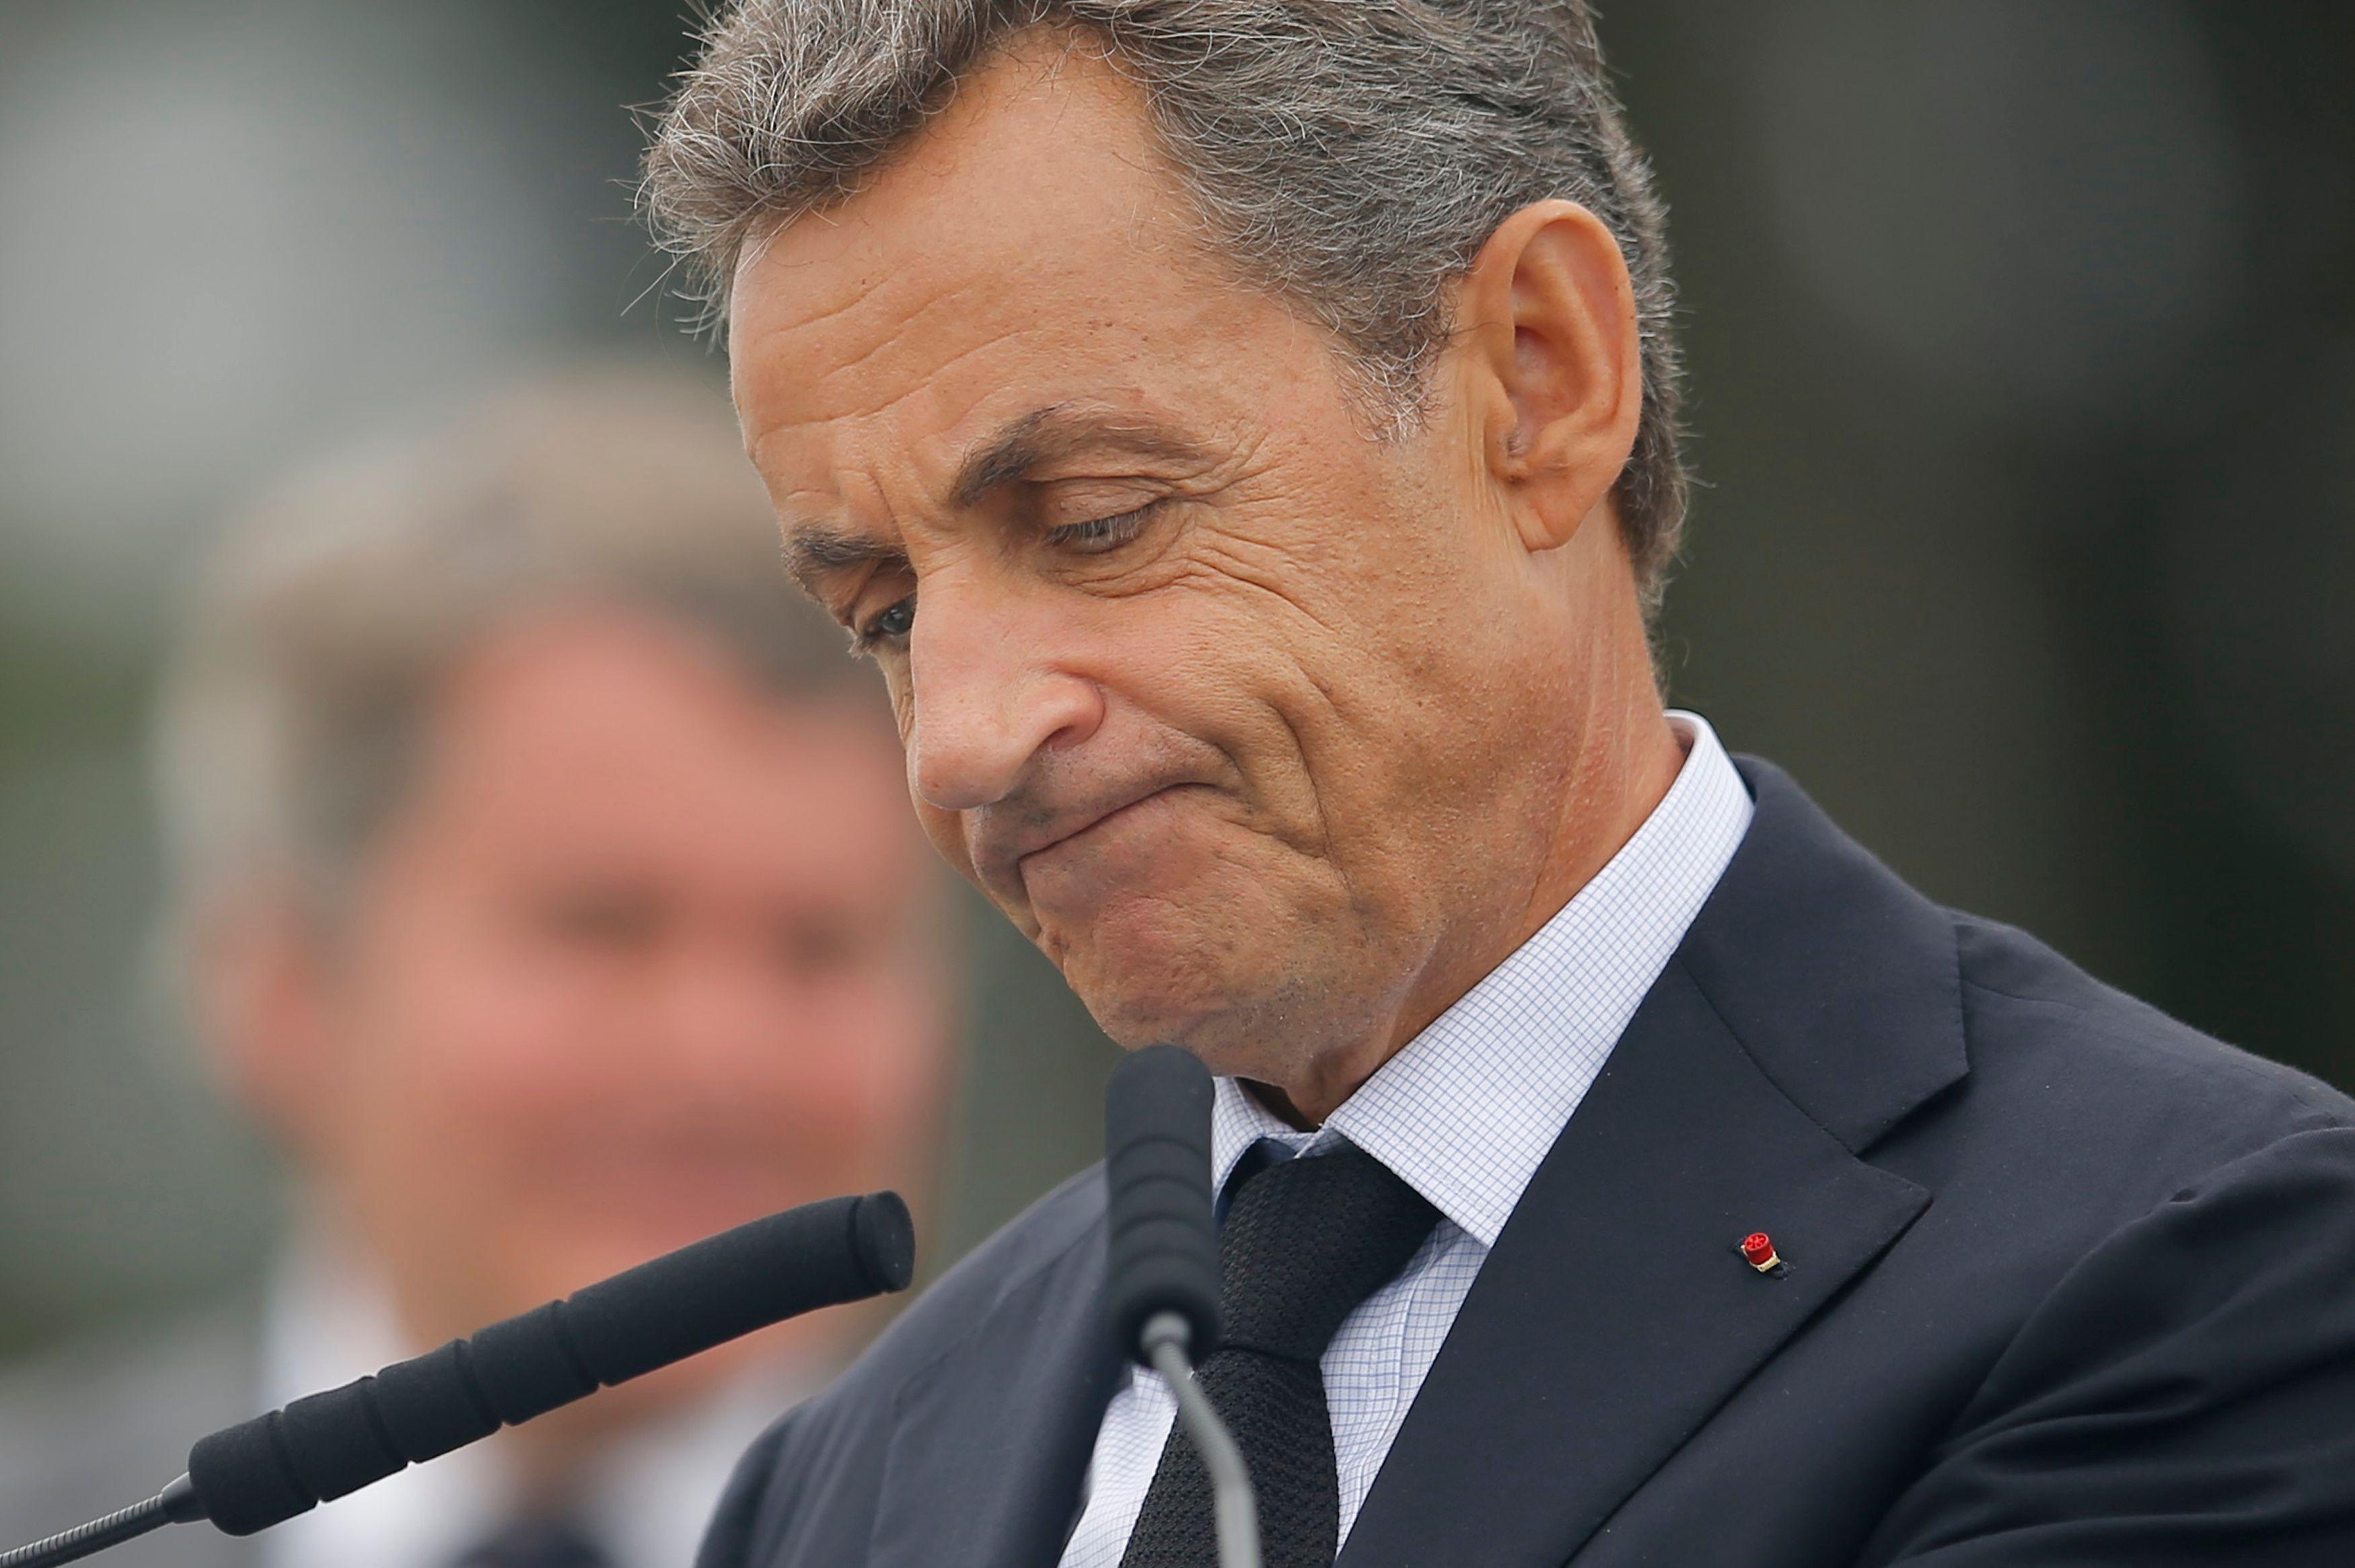 Nicolas Sarkozy aurait aussi parlé de Marine le Pen en des termes peu recherchés.